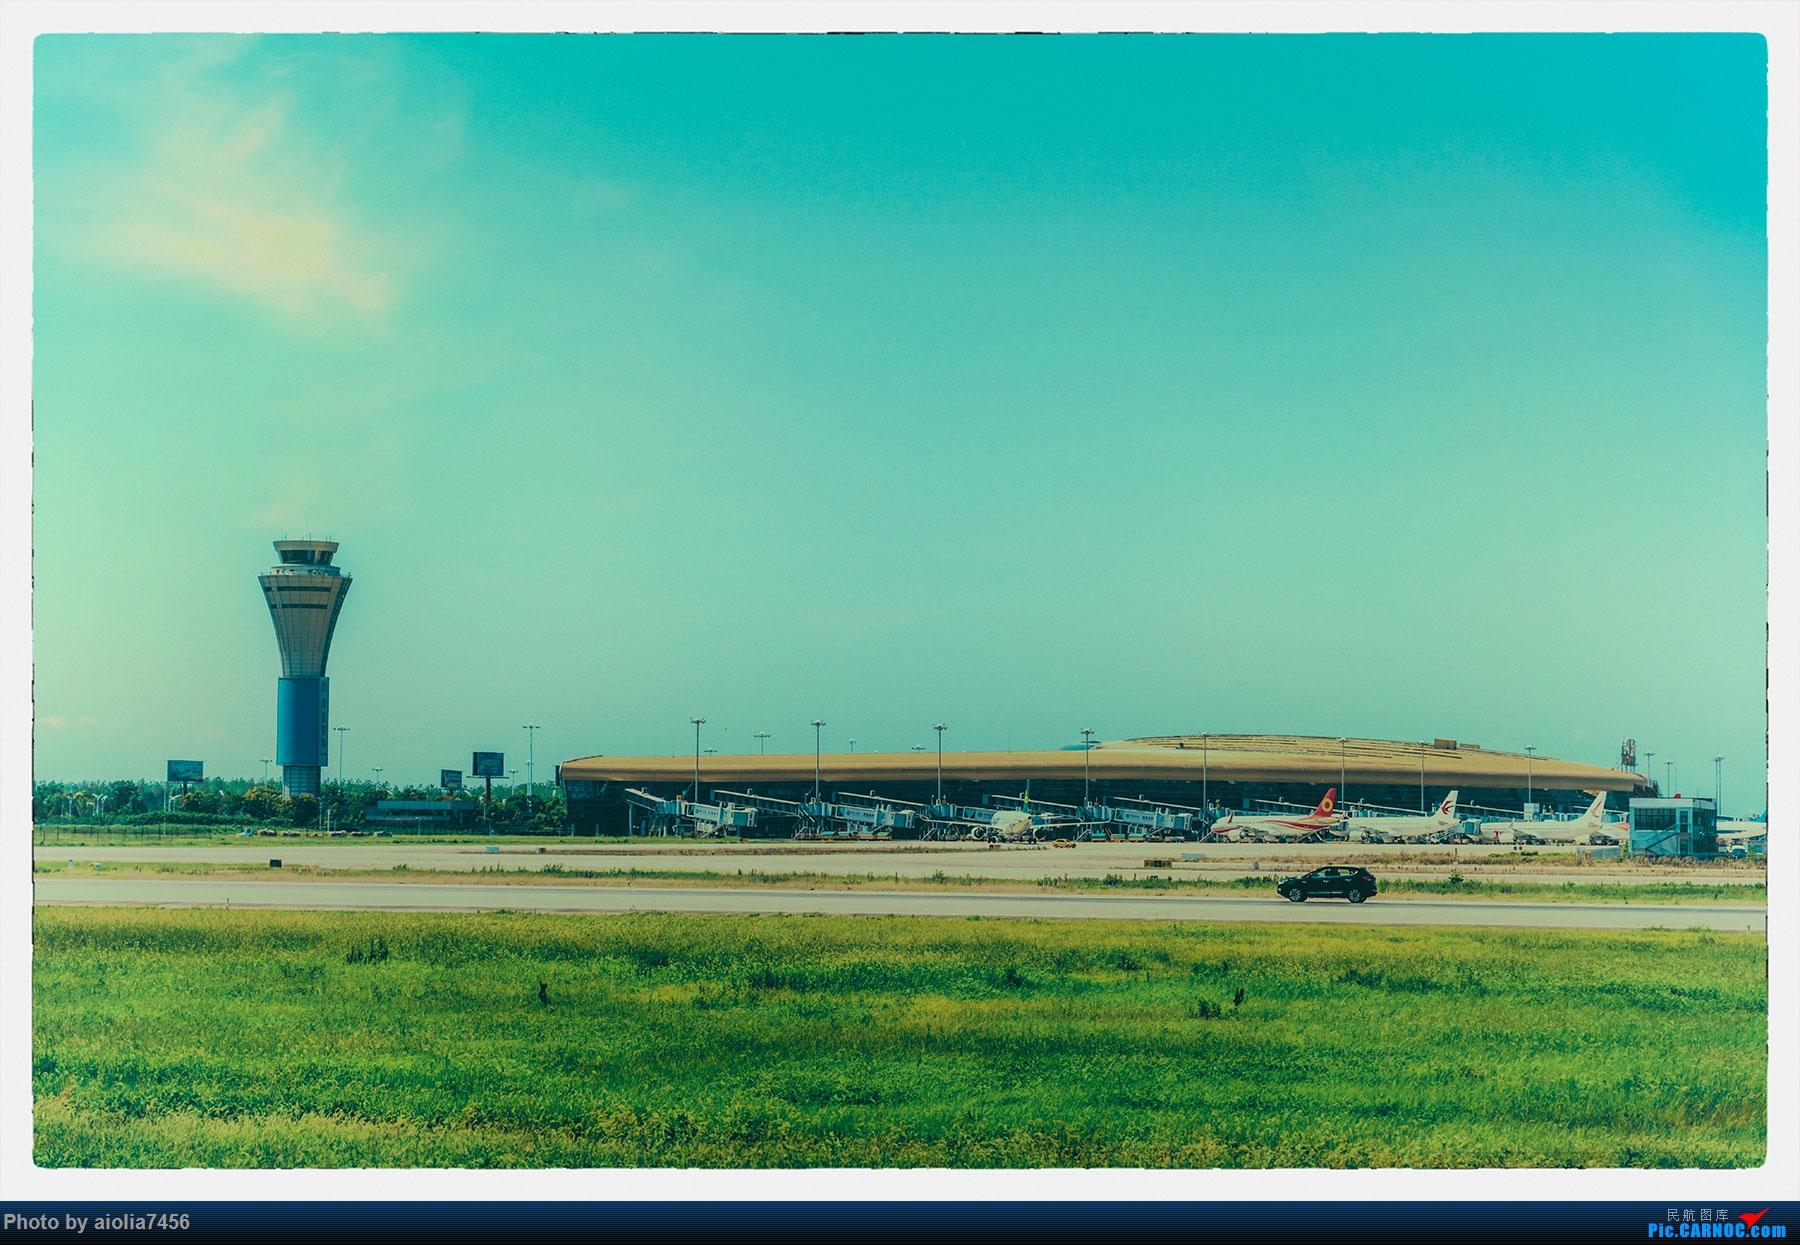 [原创]【霸都打机队】三伏天去桥机场晒太阳,我晒红了,儿子没有。。。    中国合肥新桥国际机场